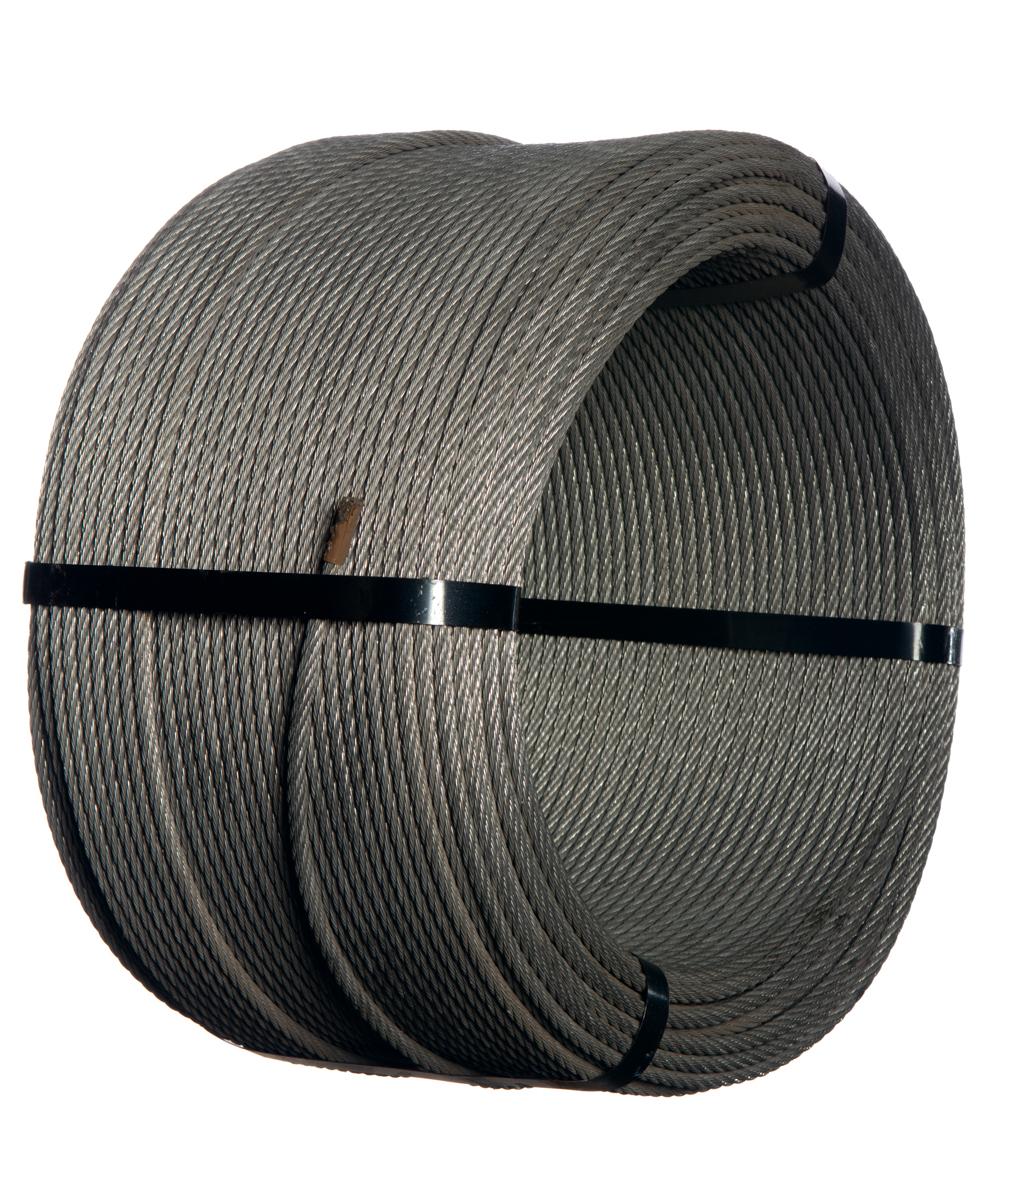 wire rope 8mm 7x7 300m class a zinc coat 145gm